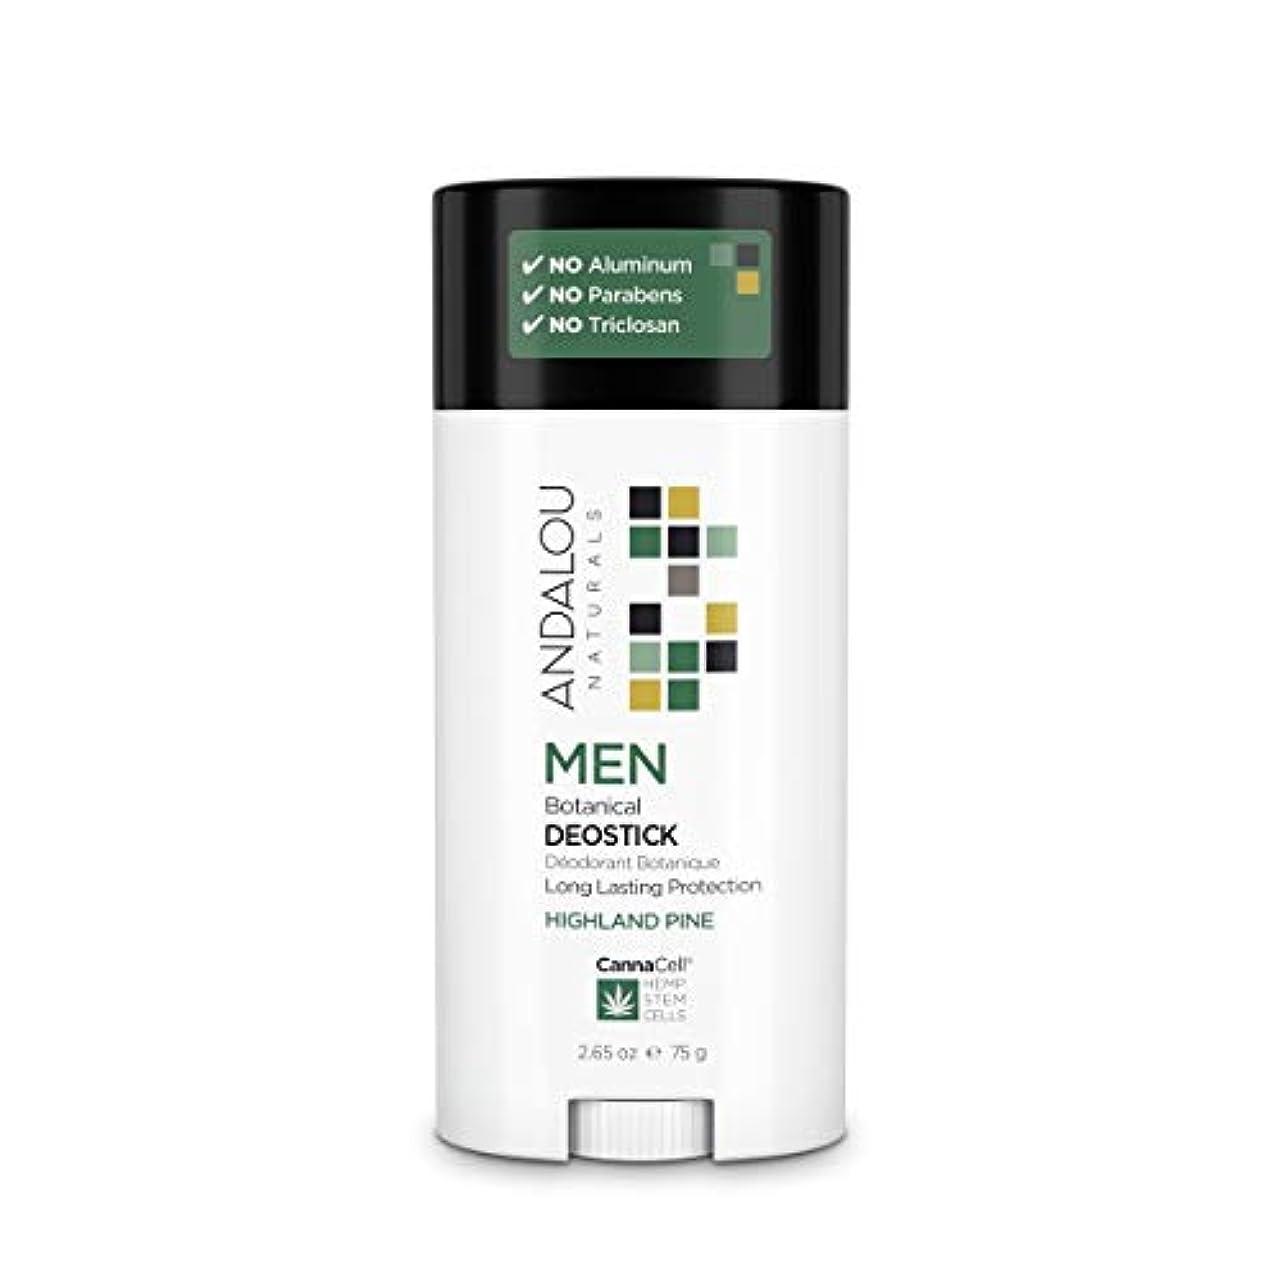 離すむしろ給料オーガニック ボタニカル デオドラント 制汗剤 ナチュラル フルーツ幹細胞 ヘンプ幹細胞 「 MEN ボタニカルデオスティック(ハイランドパイン) 」 ANDALOU naturals アンダルー ナチュラルズ